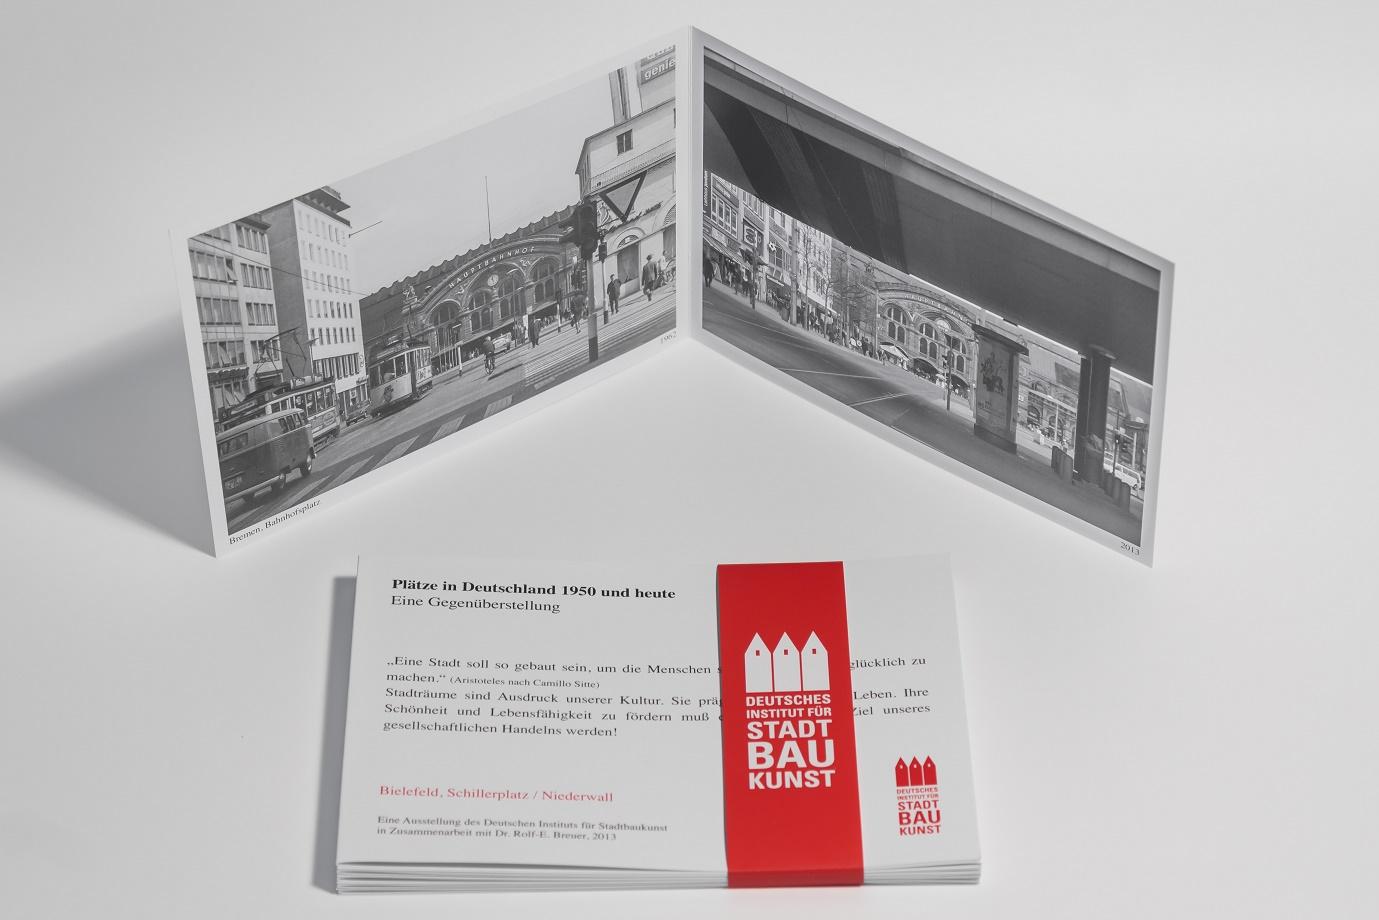 """""""Plätze in Deutschland 1950 und heute"""" (Bild: Deutsches Institut für Stadtbaukunst)"""